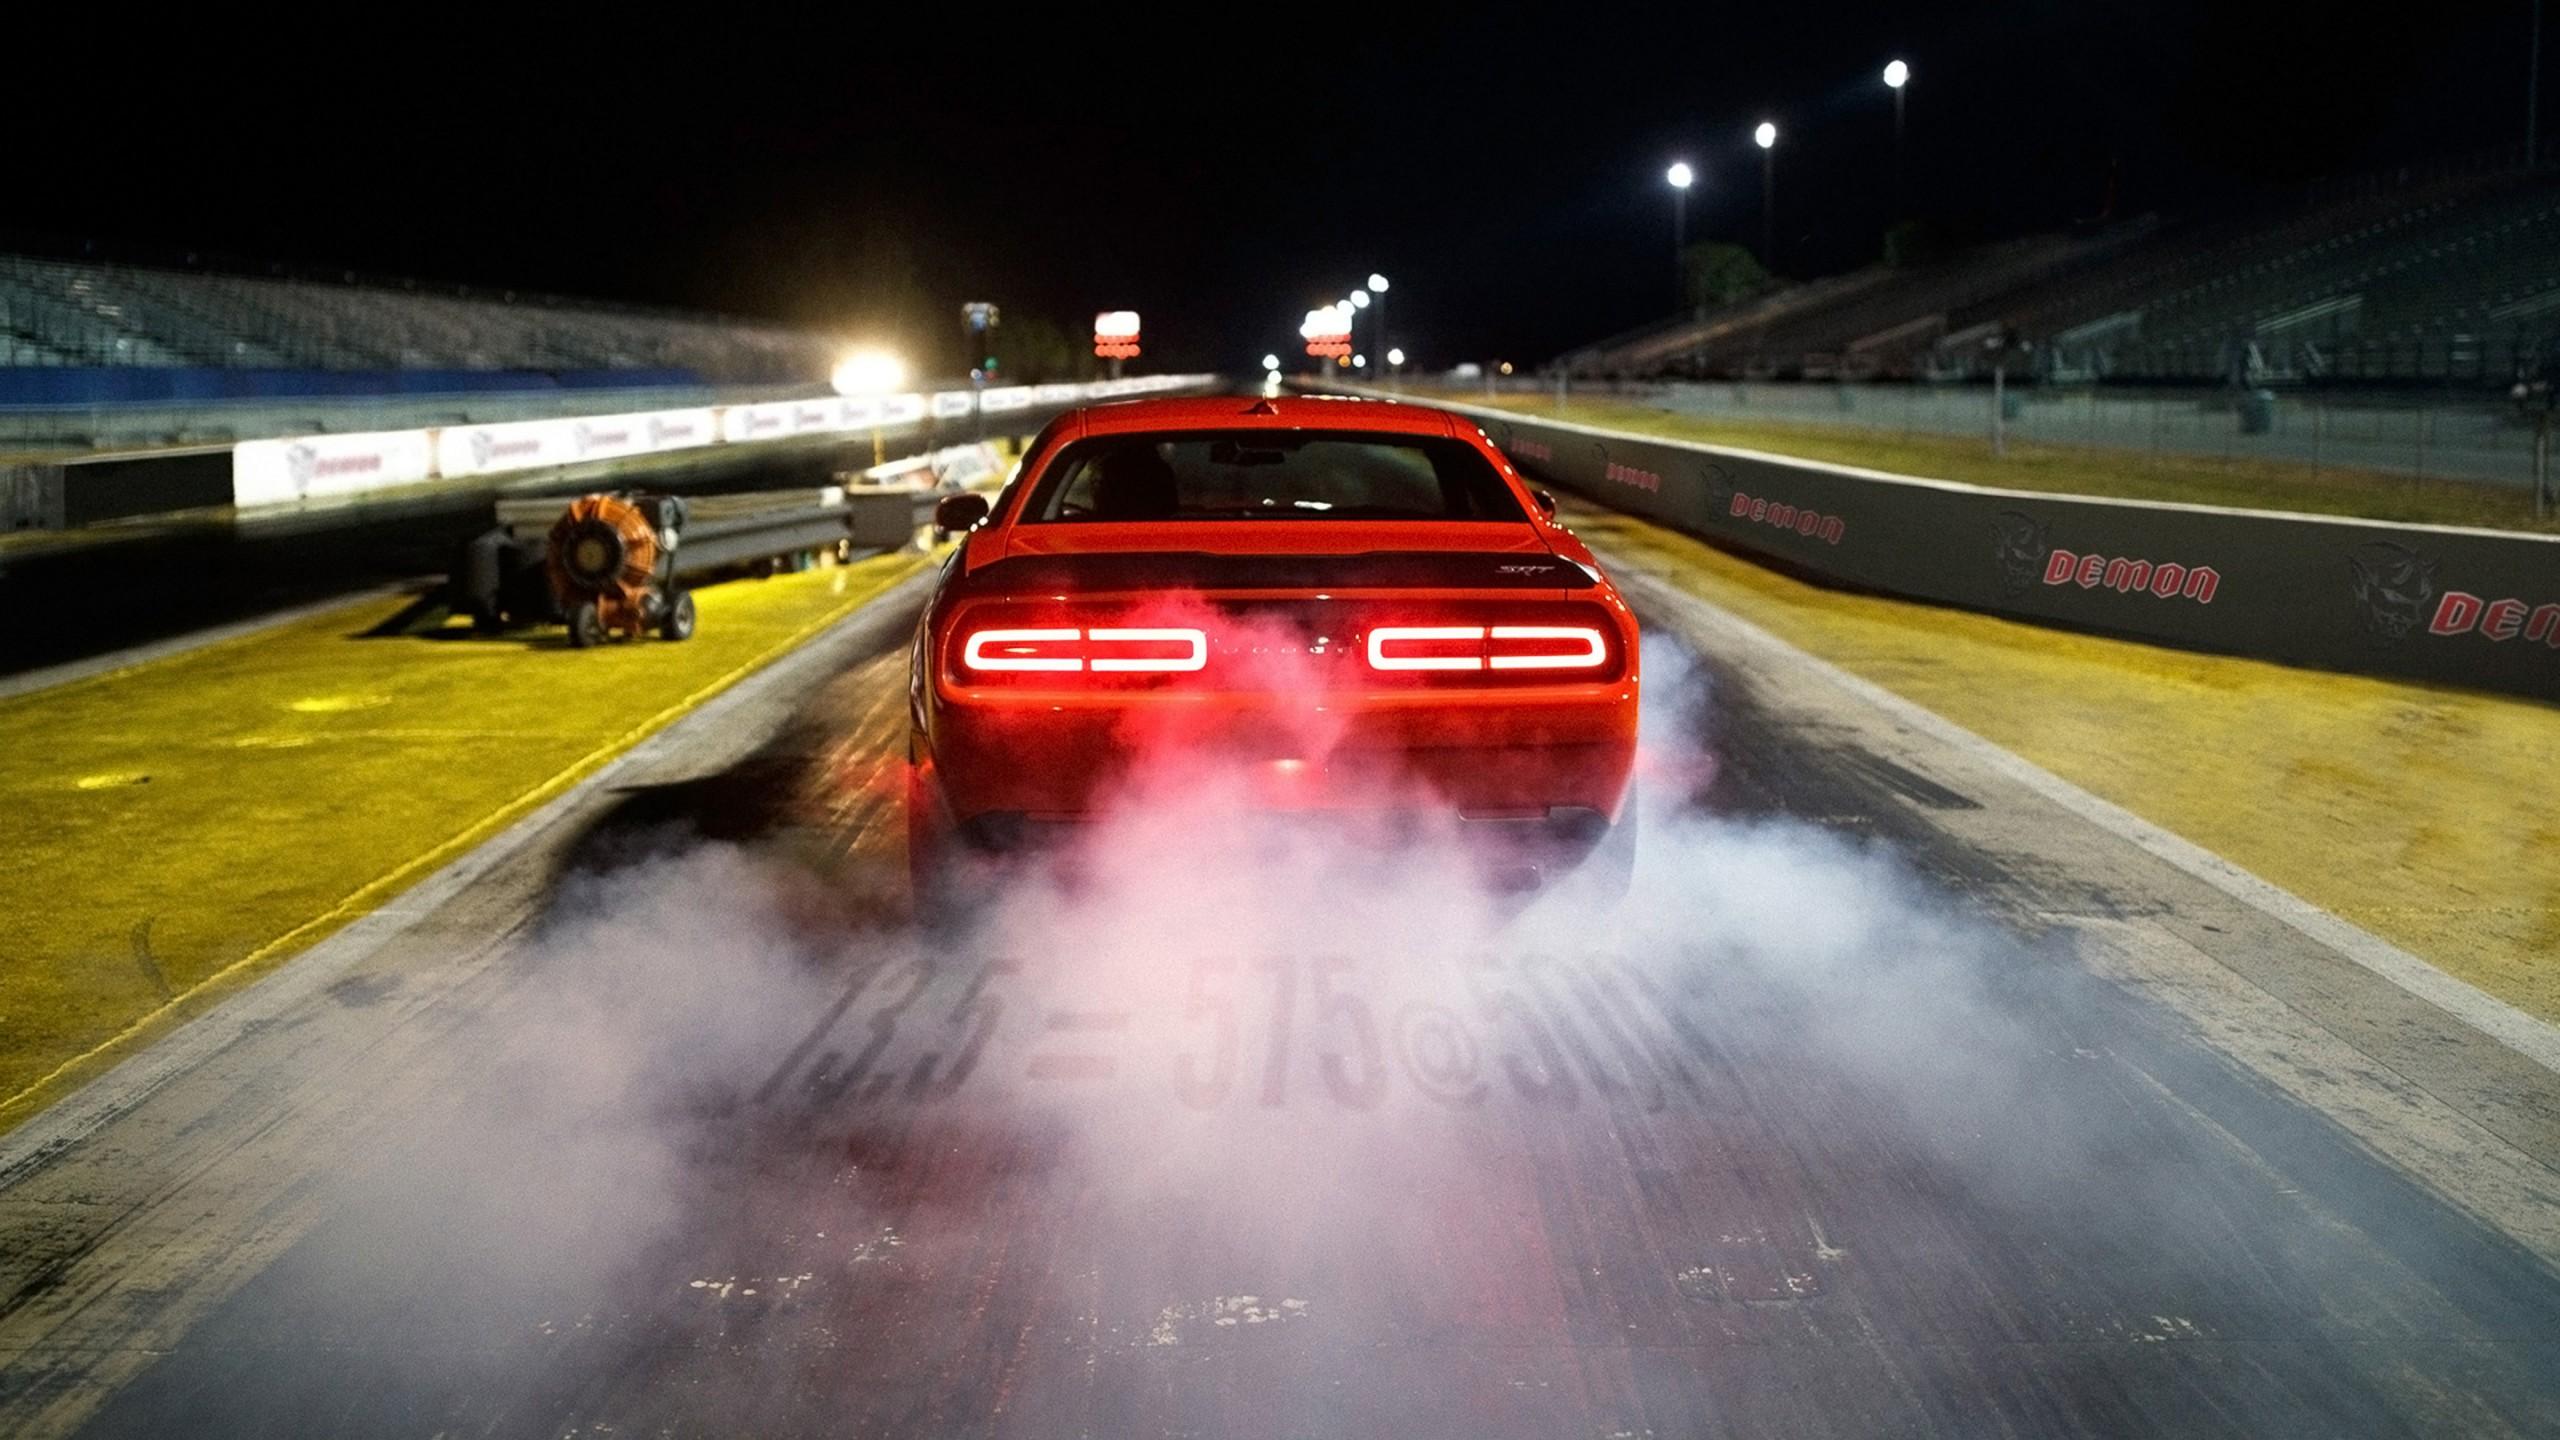 2018 Dodge Challenger SRT Demon on Race track Wallpaper ...